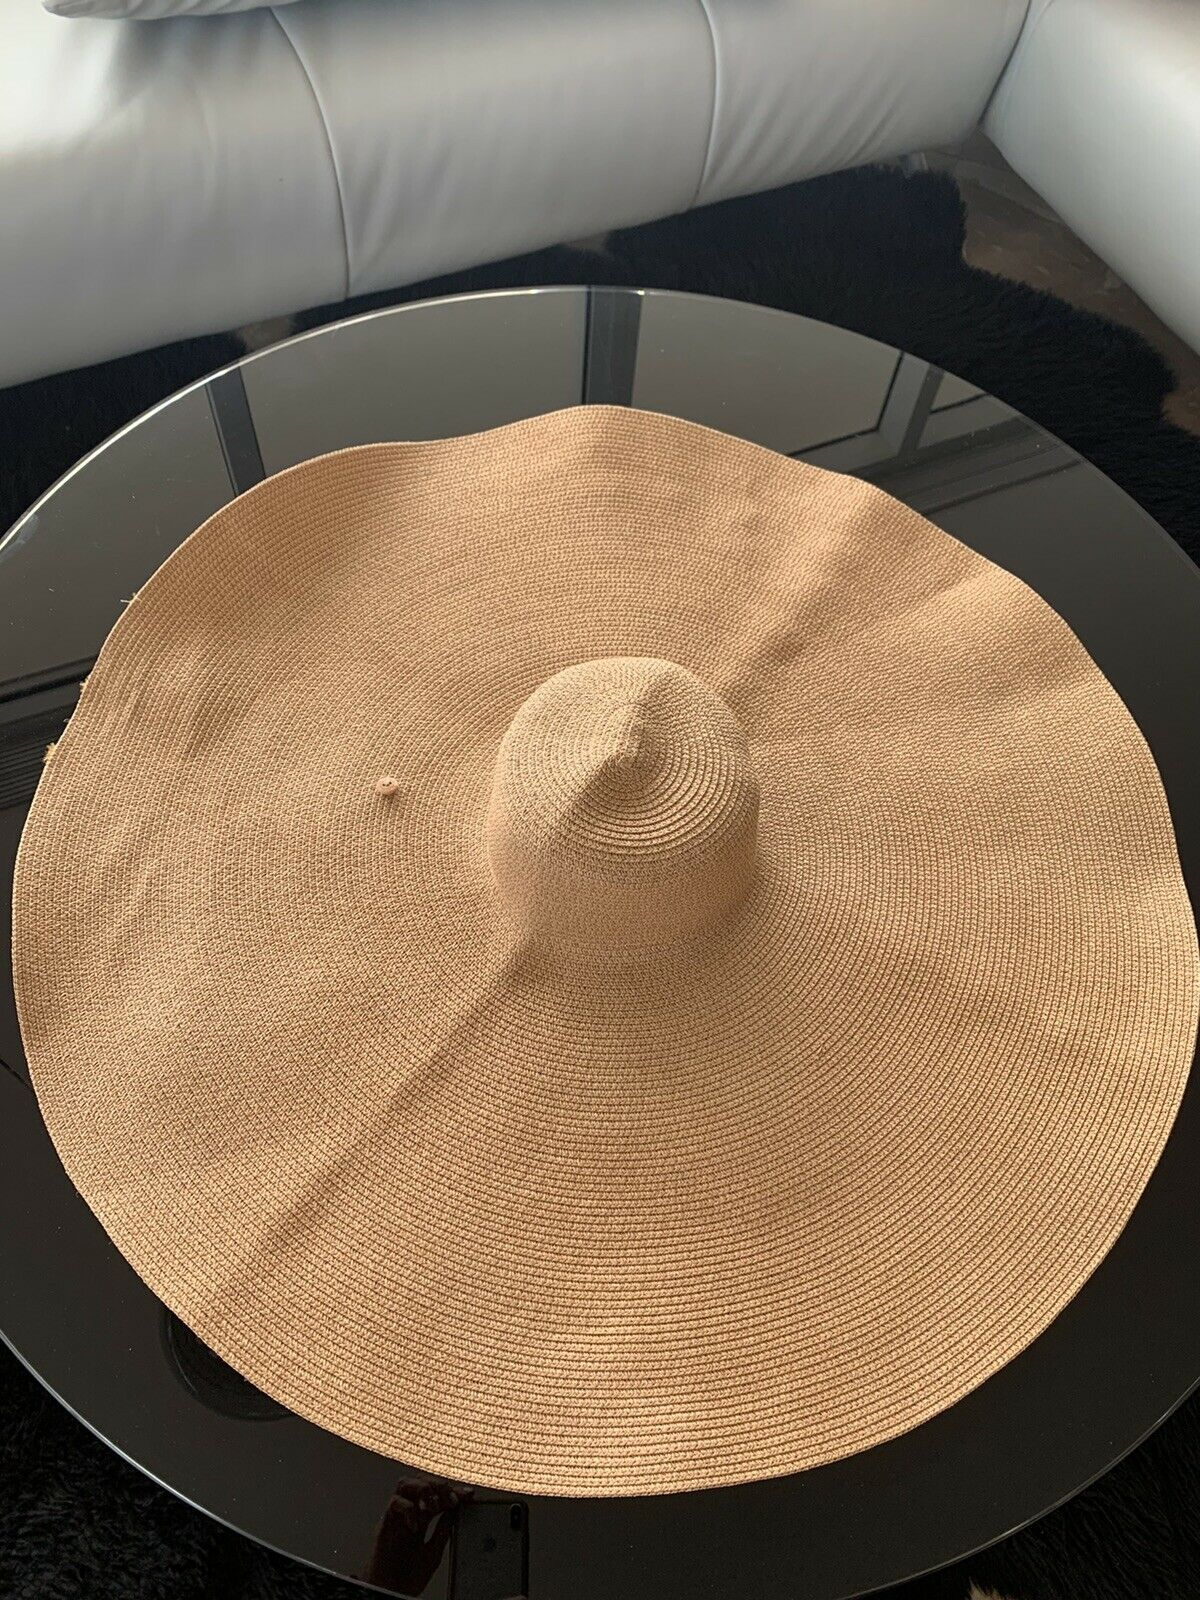 Extra Wide Brim Straw Hat - image 1